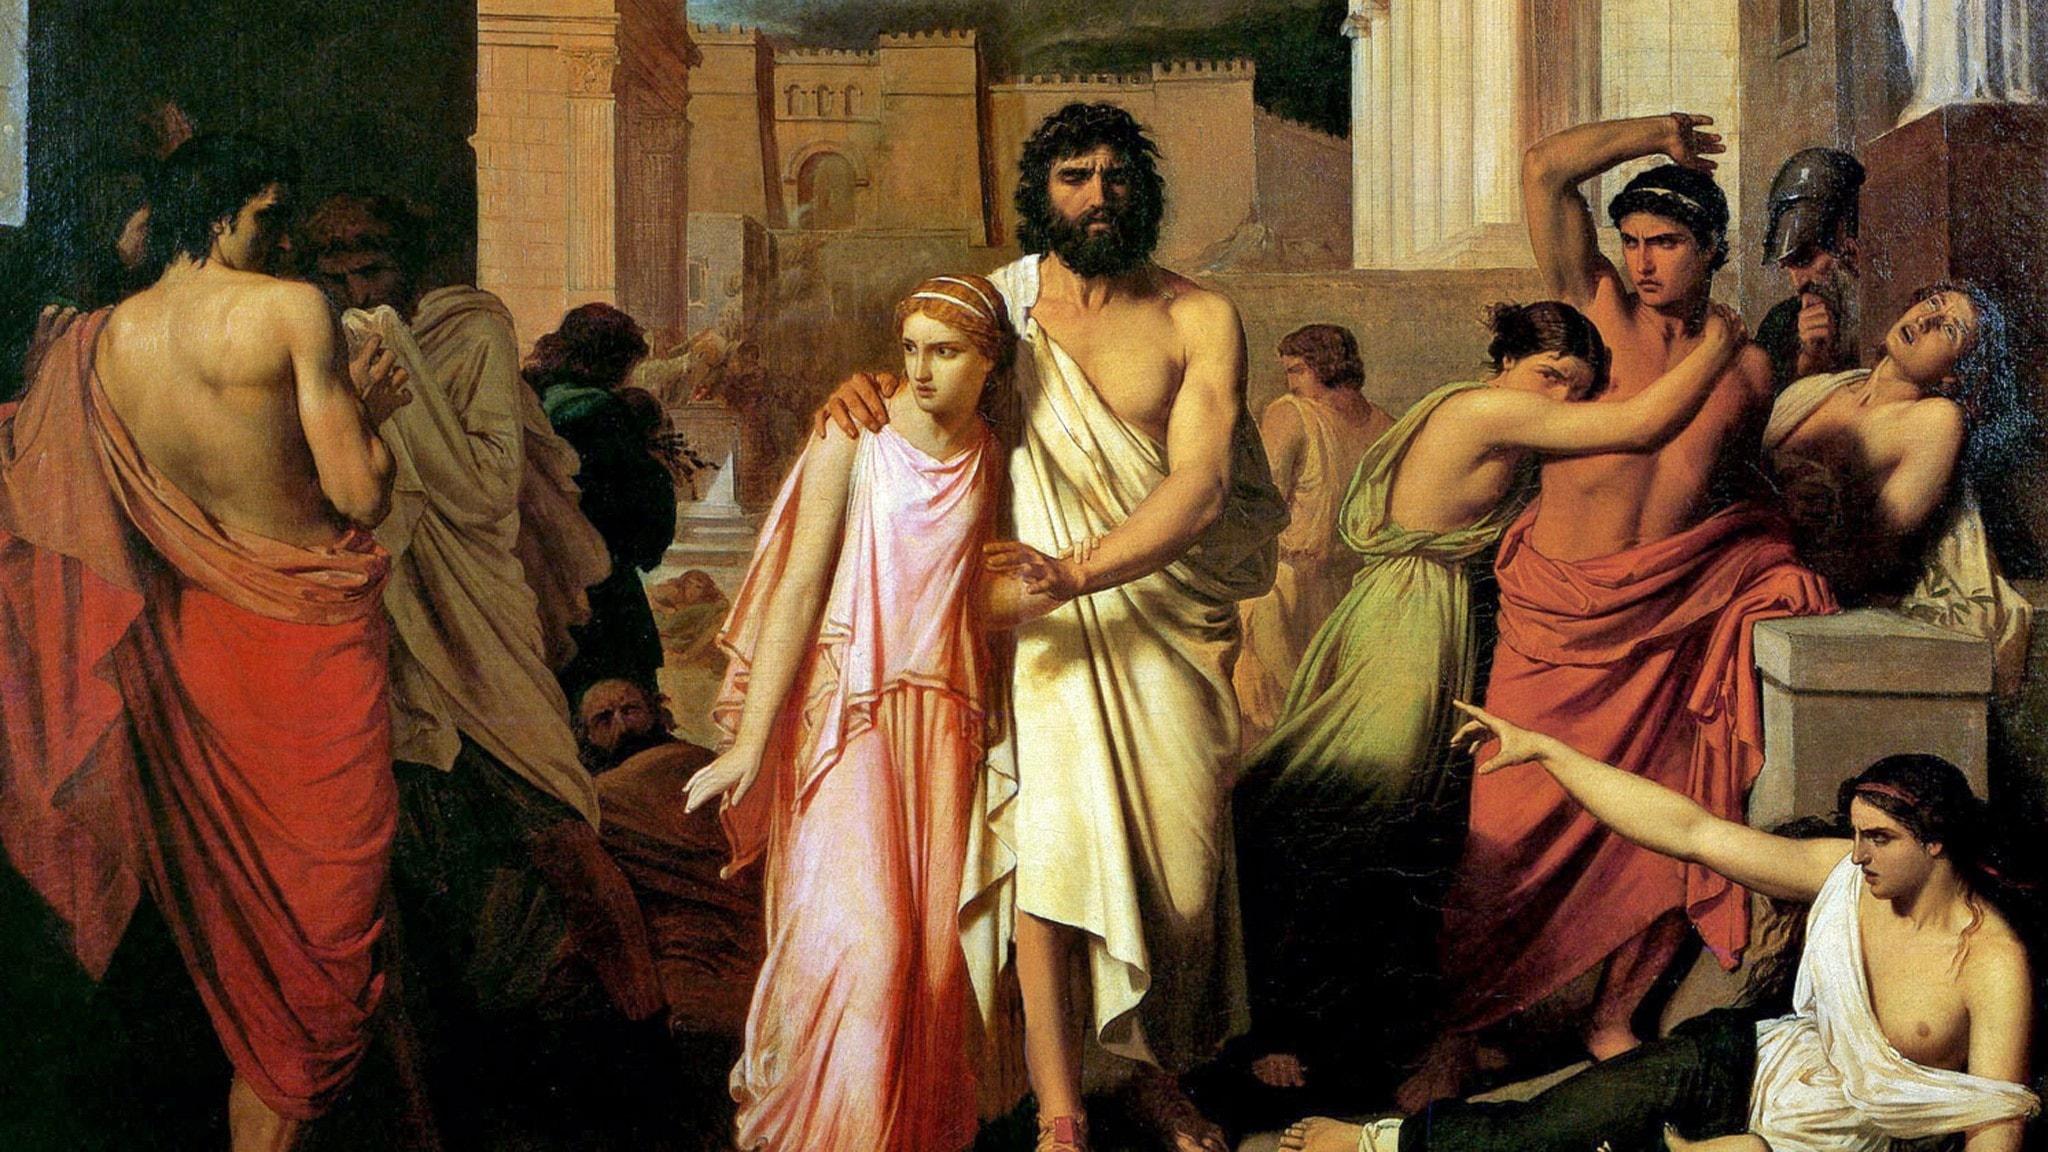 Vad plågar Thebe? Antigone leder Oidipus ut ur staden, målning från 1842 av Charles Francois Jalabert.